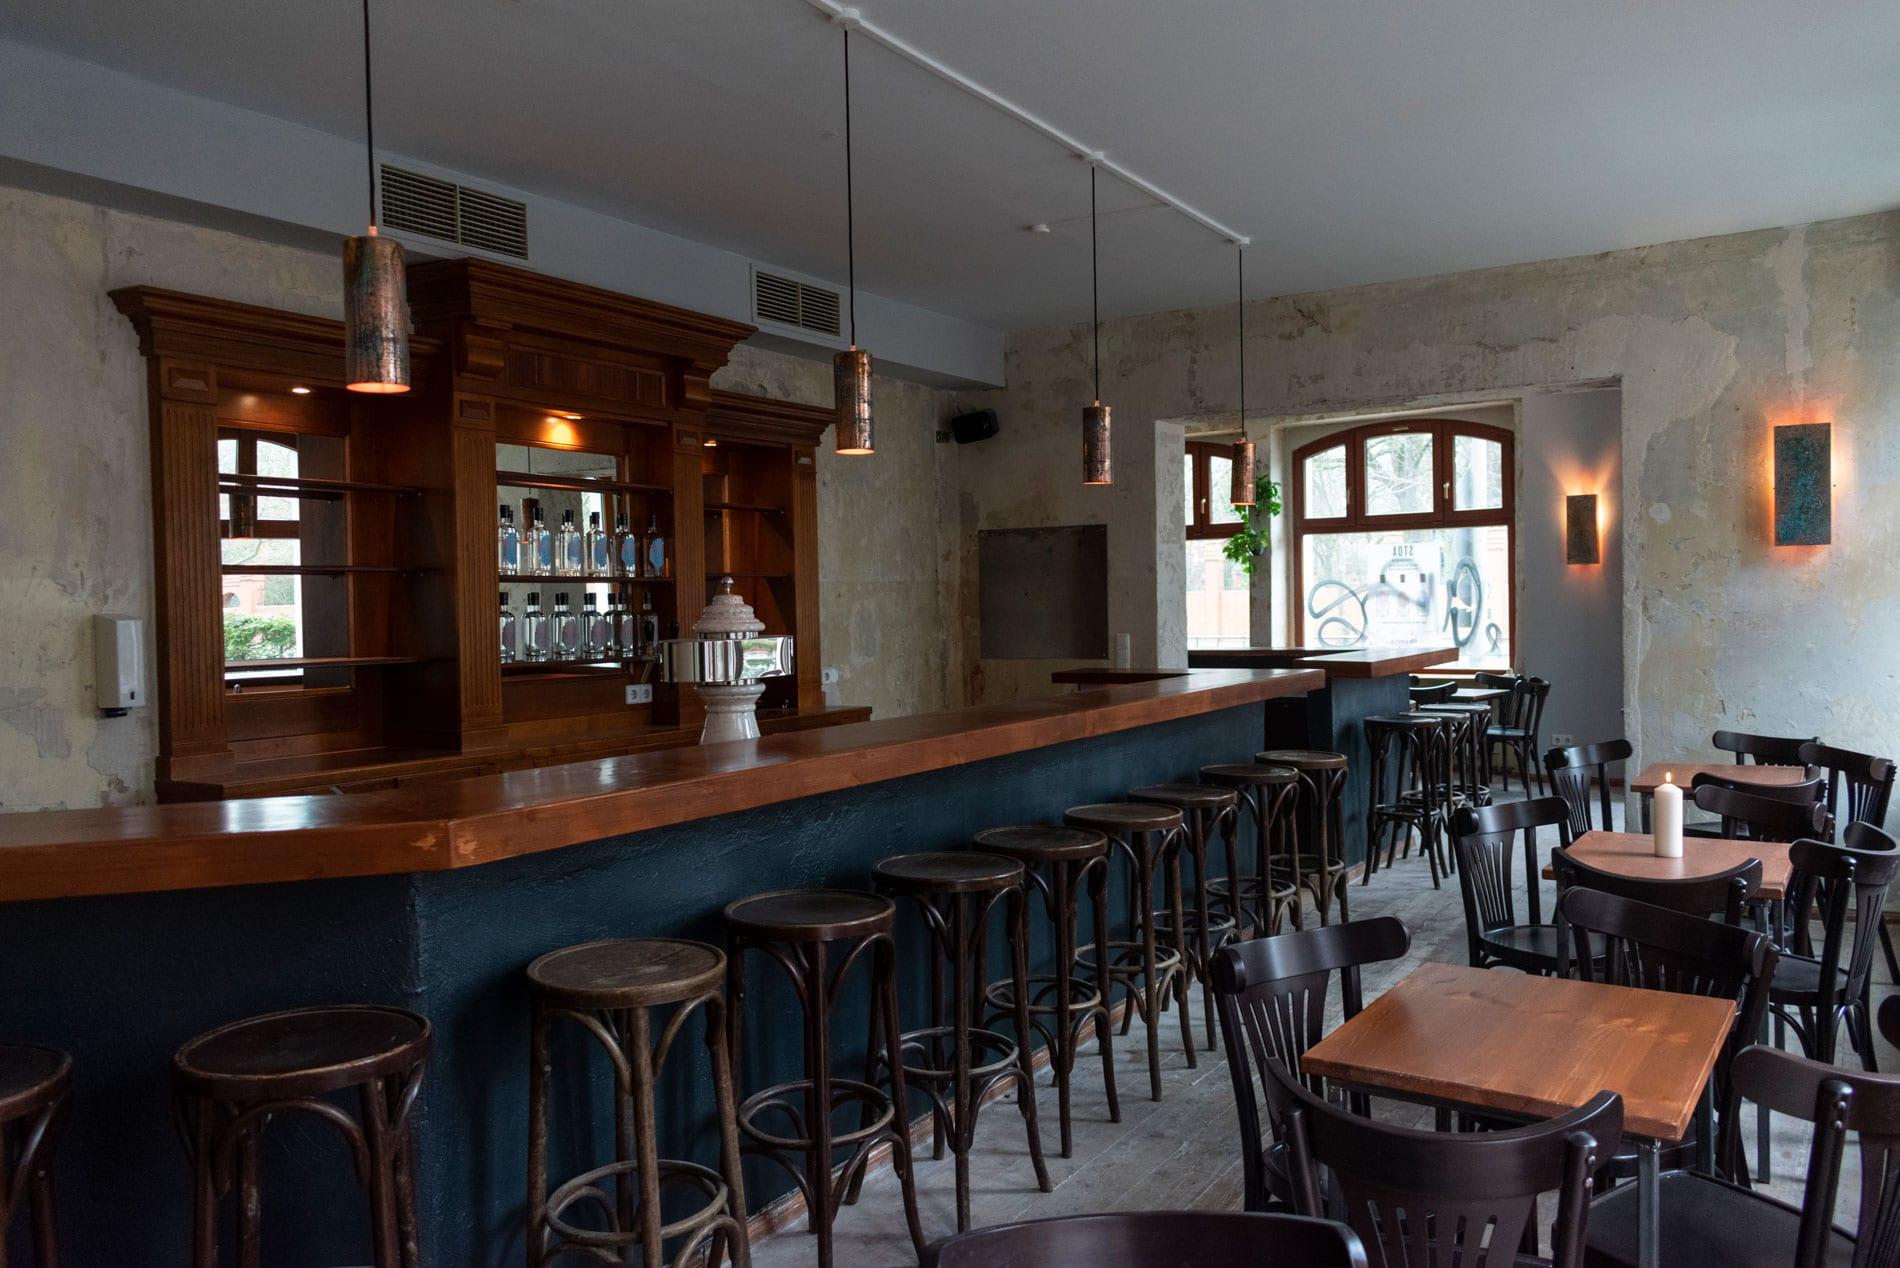 Bademeister Bar Bier Cocktails Fur Berlin Weissensee Mixology Magazin Fur Barkultur